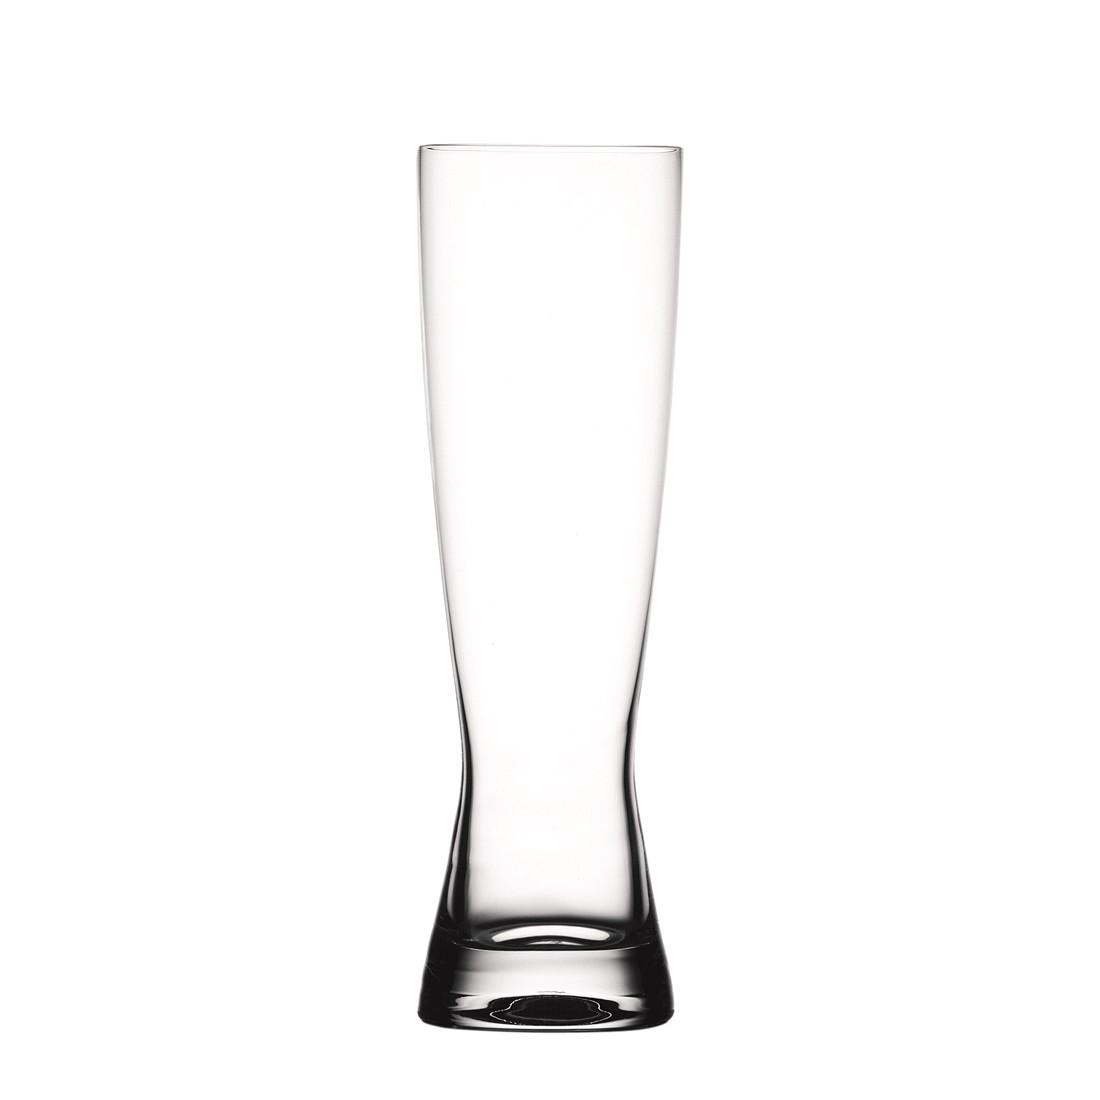 VinoGrande Weizenbier-Glas 6er Set, Spiegelau günstig online kaufen